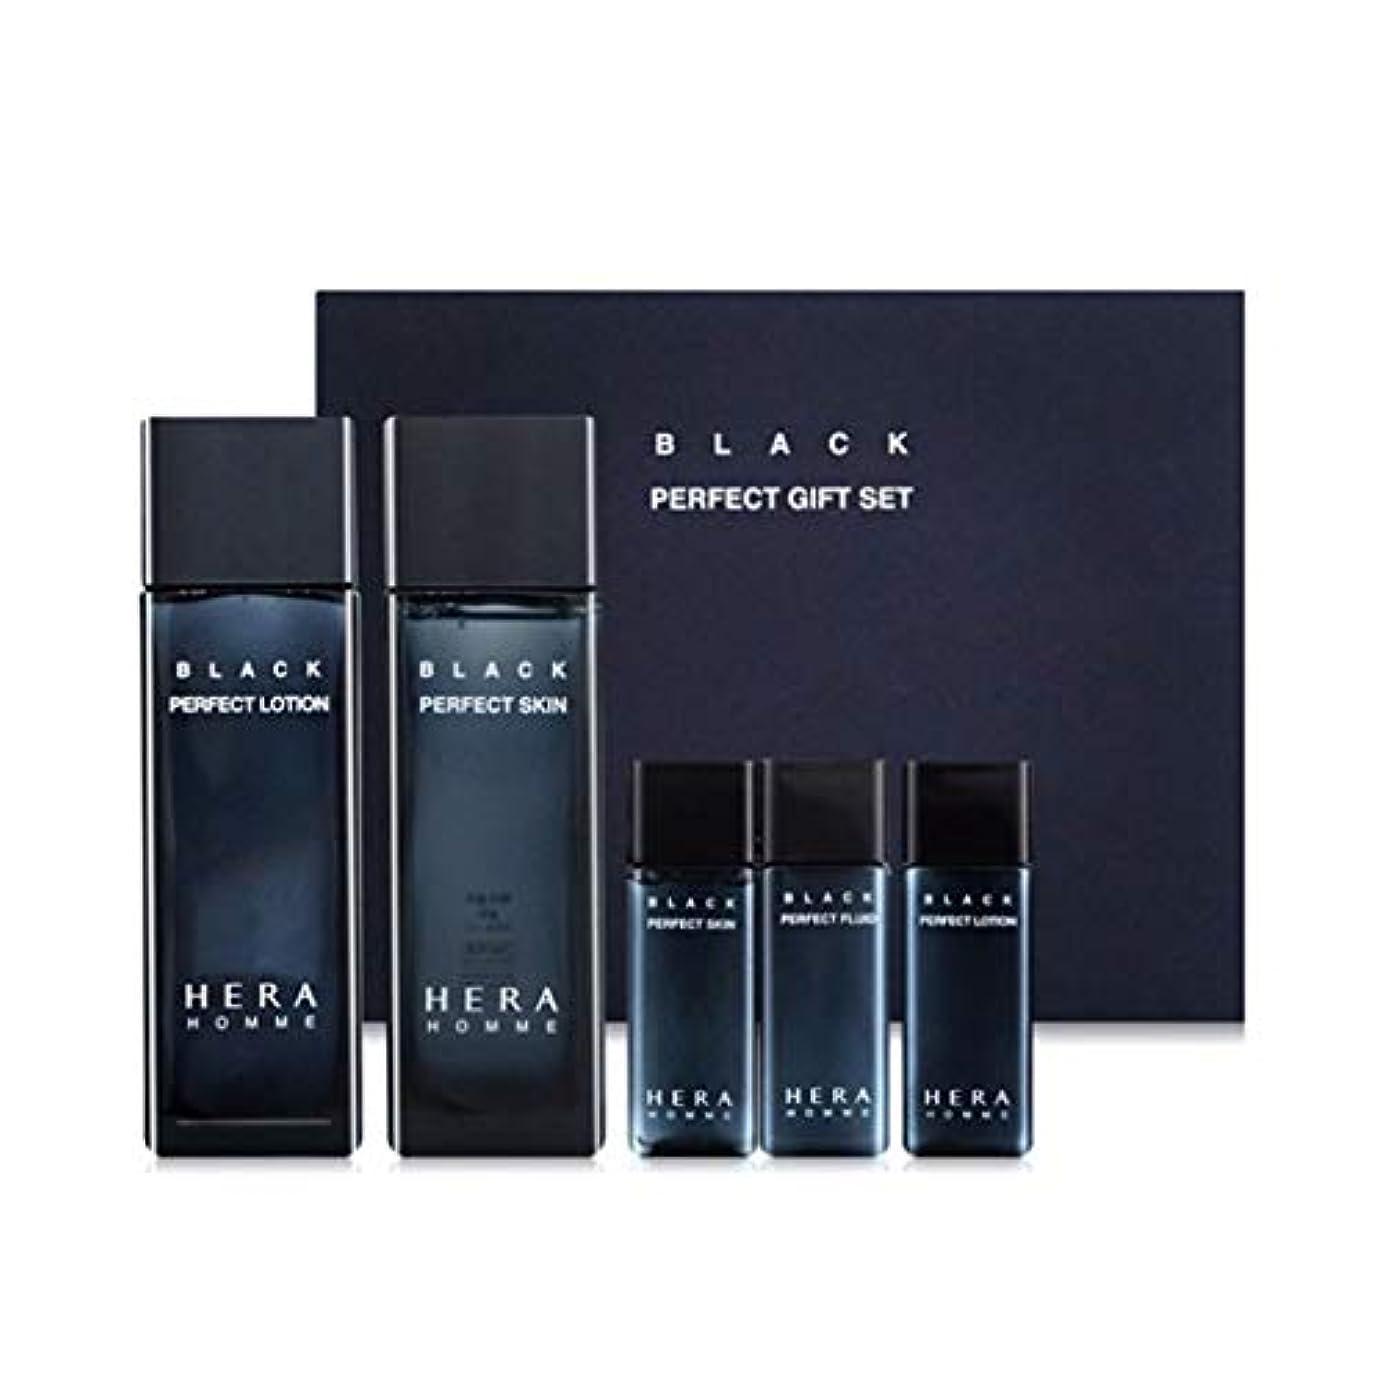 該当するタオル半ばヘラオムブラックパーフェクトスキンローションセットメンズコスメ韓国コスメ、Hera Homme Black Perfect Skin Lotion Set Men's Cosmetics Korean Cosmetics...